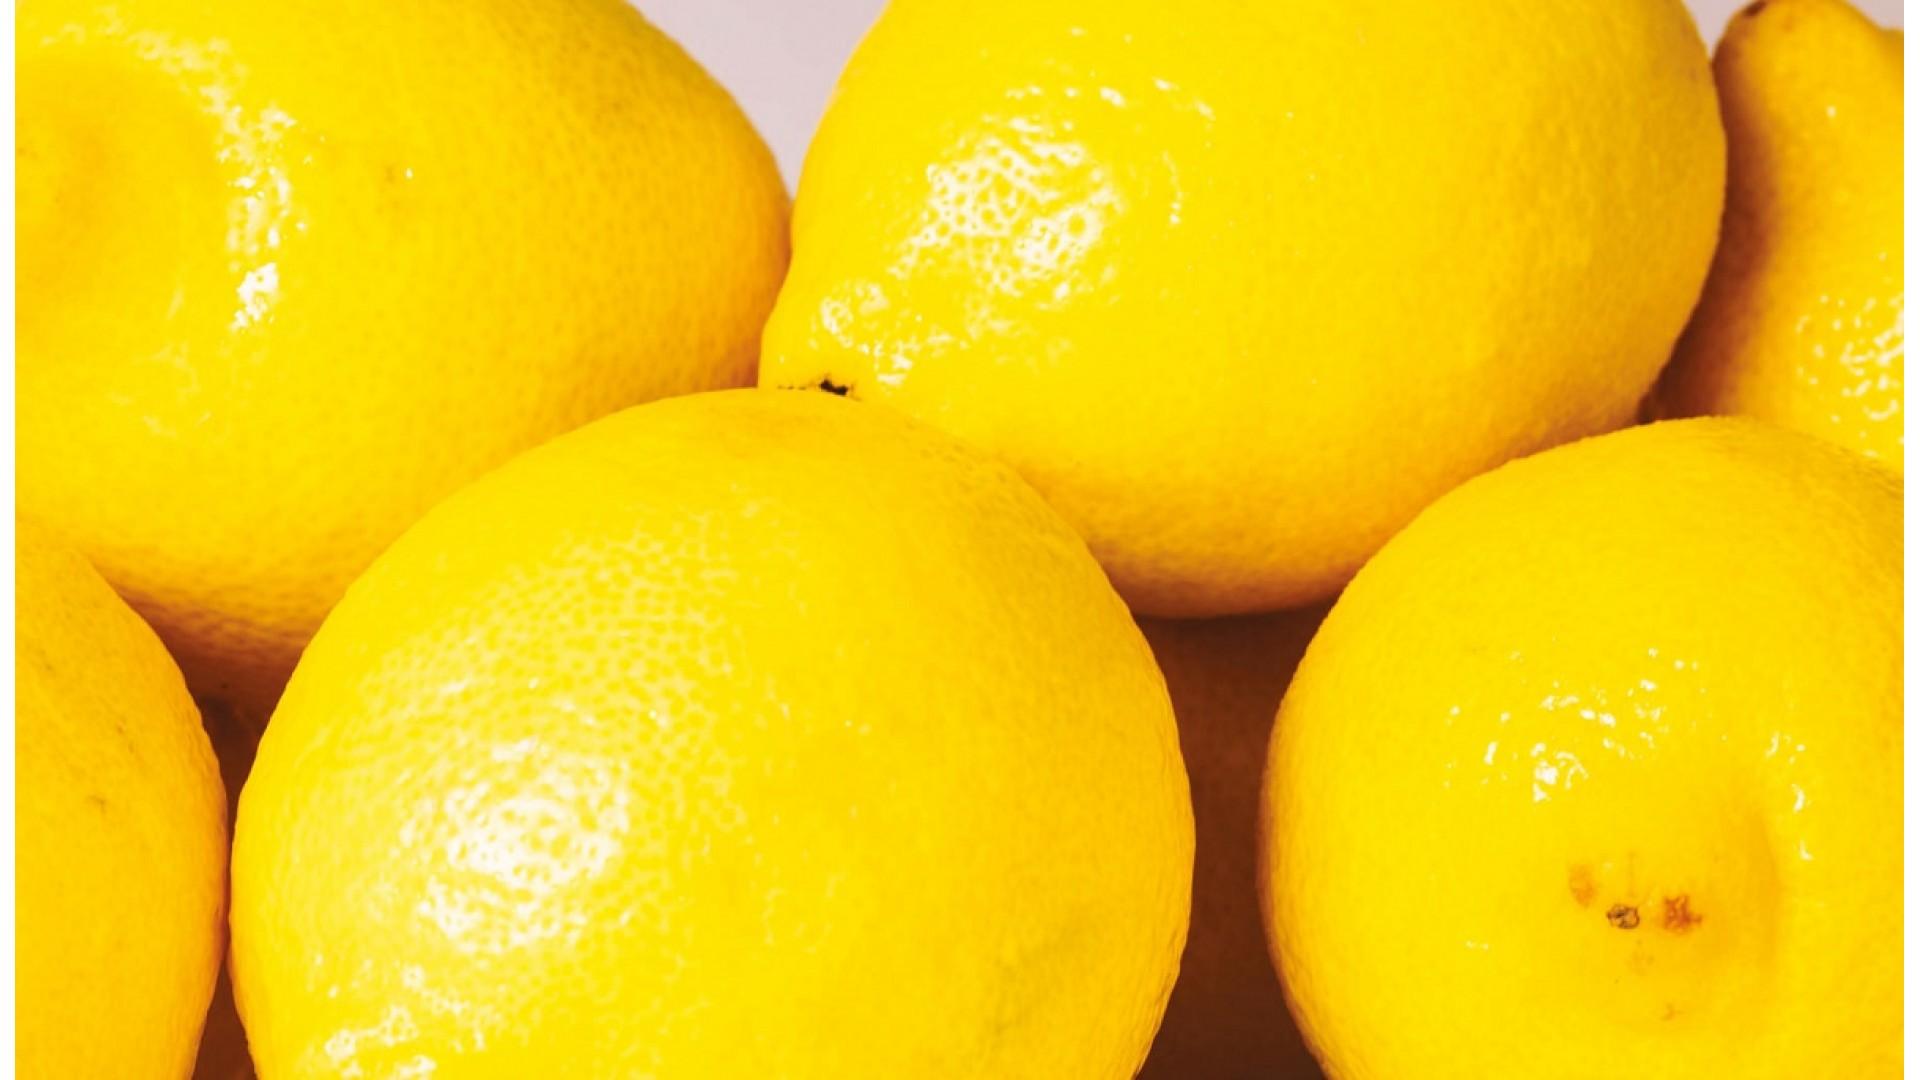 Znanost dobrog raspoloženja: psihologija mirisa uz profesora Neila Martina